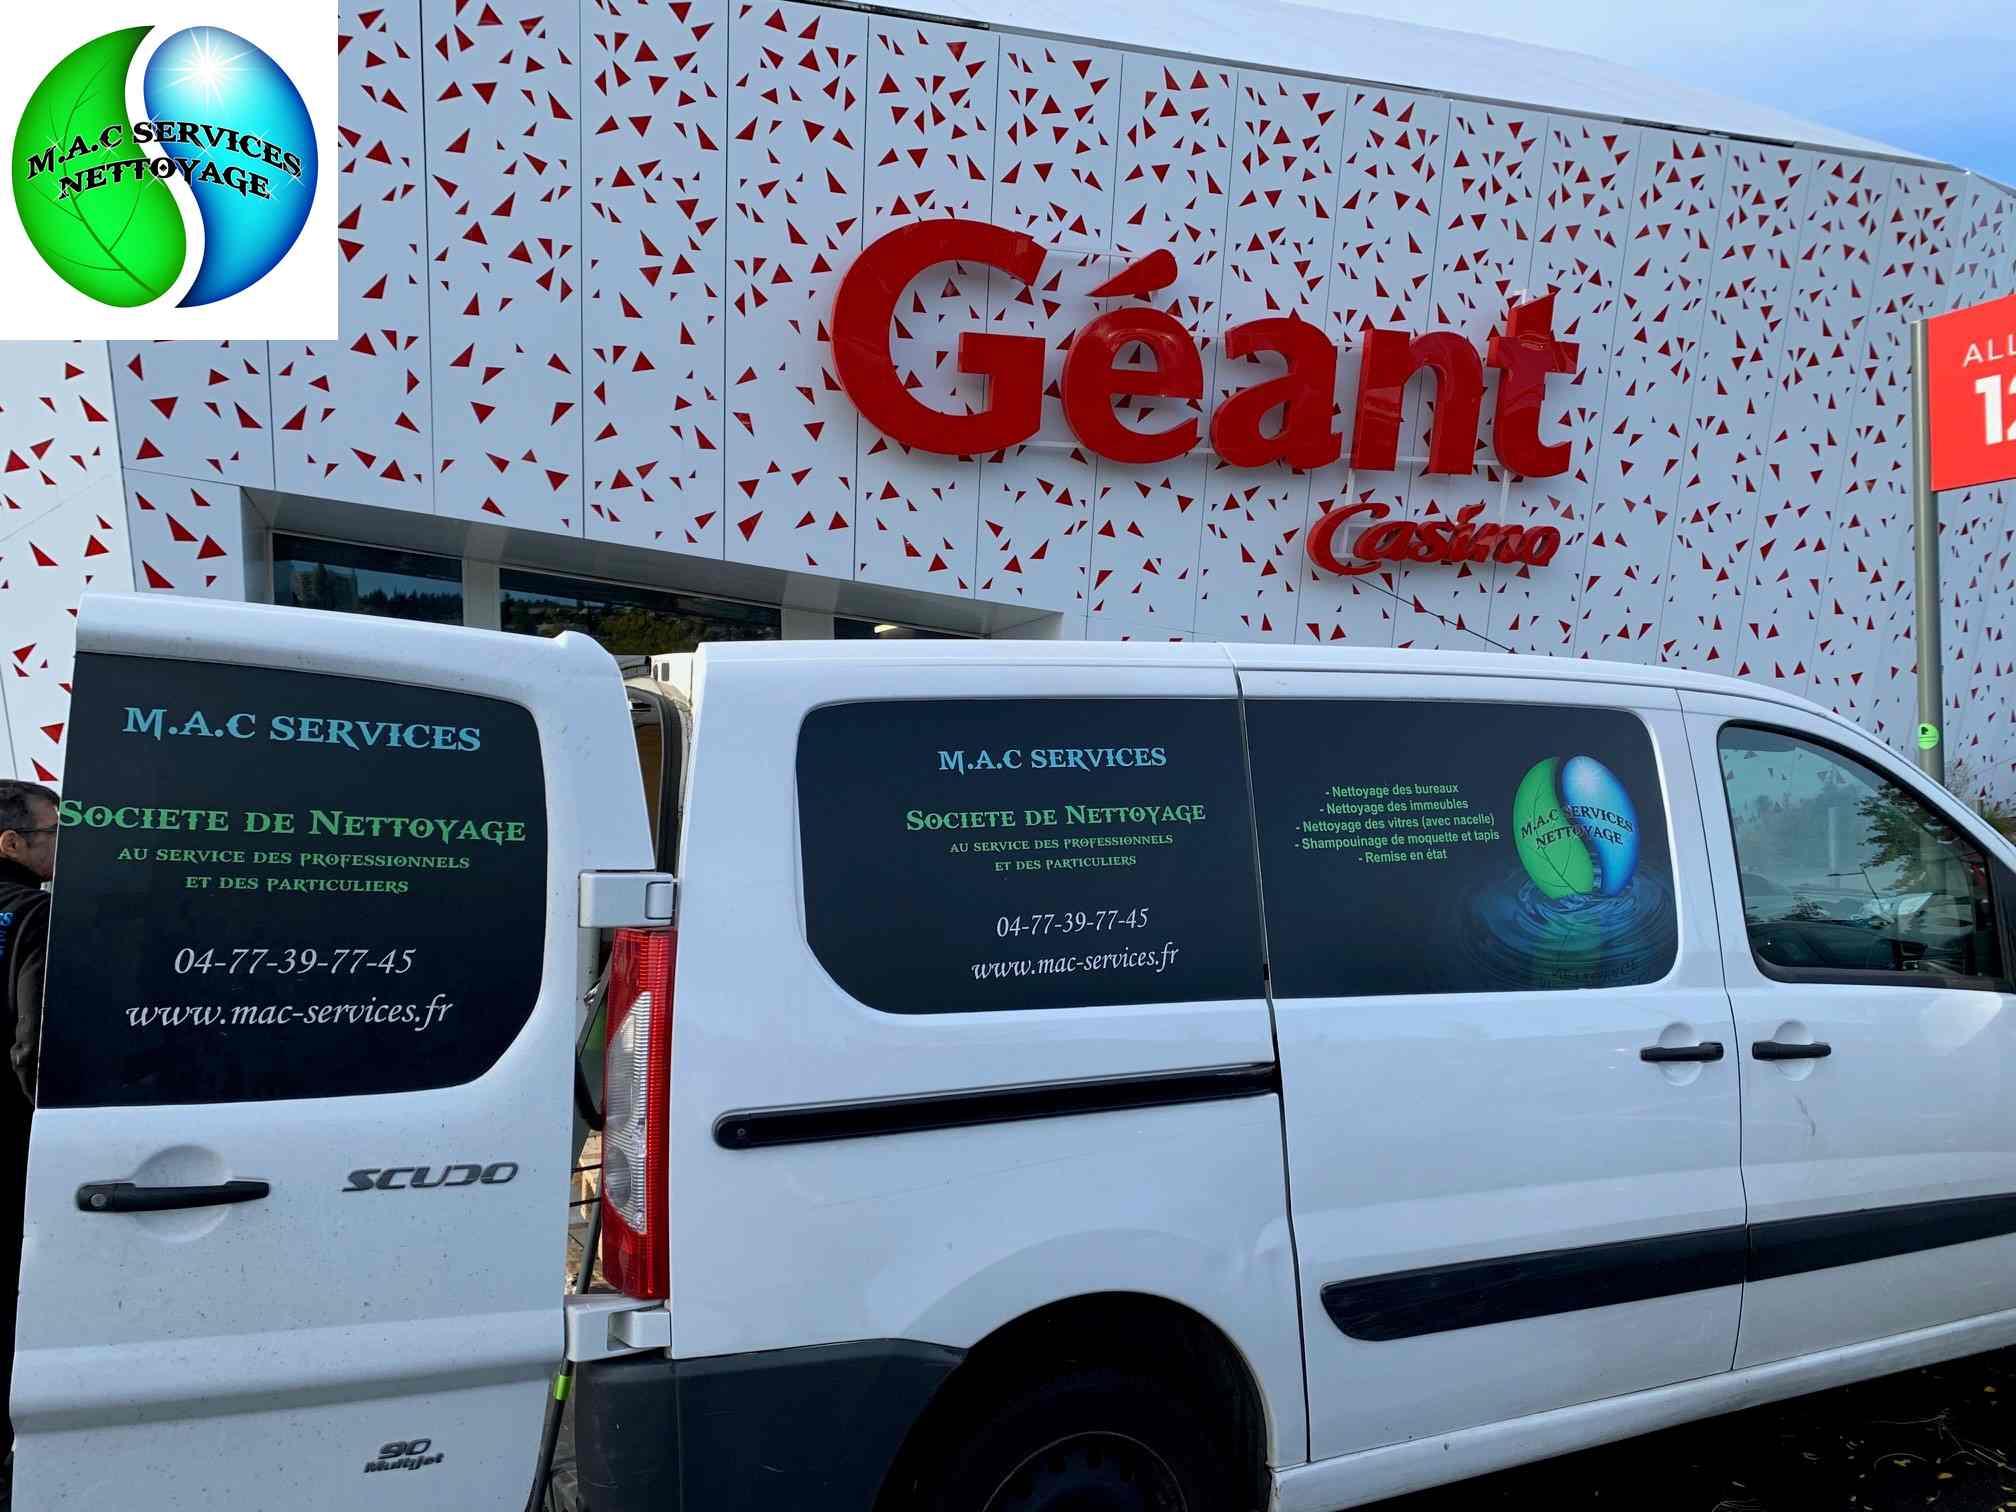 Nettoyage approfondi Centre Commercial Geant Casino - Espace Monthieu